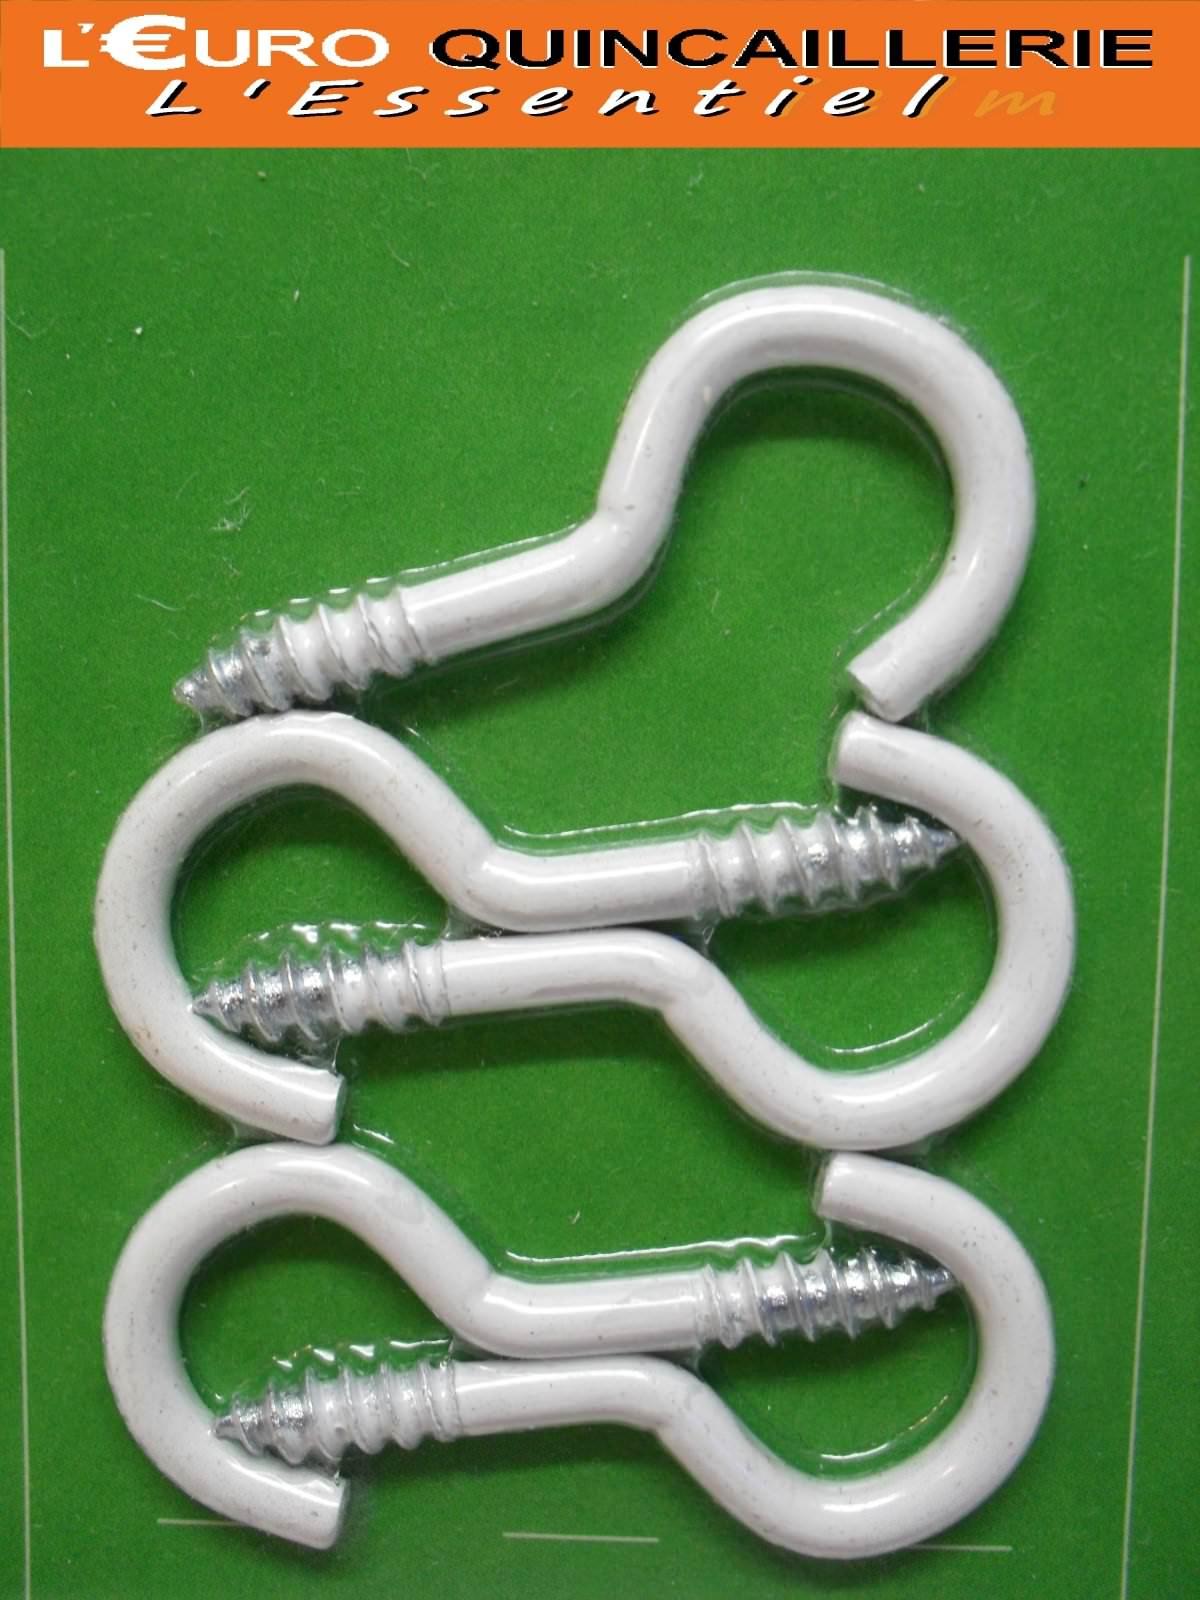 5 Crochets à vis acier plastifié blanc 3,5x20mm